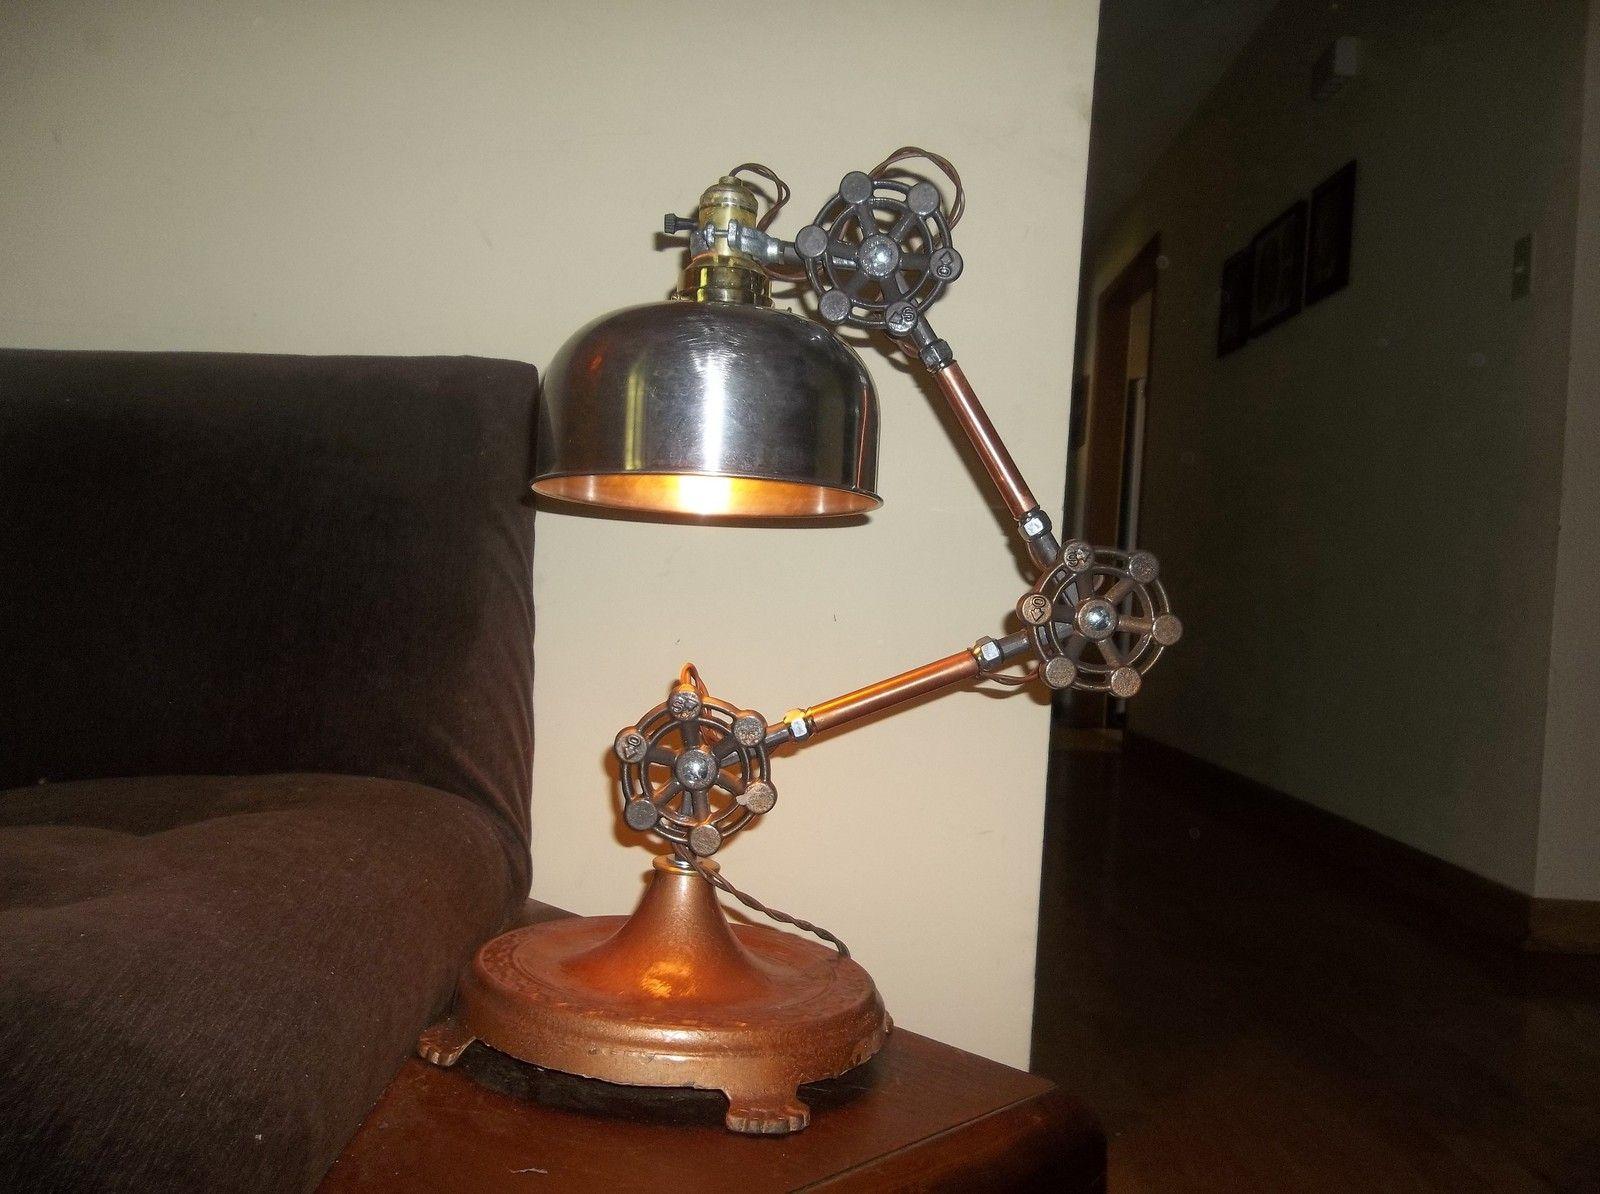 Genial Steampunk Schreibtisch Lampe 17 Bilder Lampen